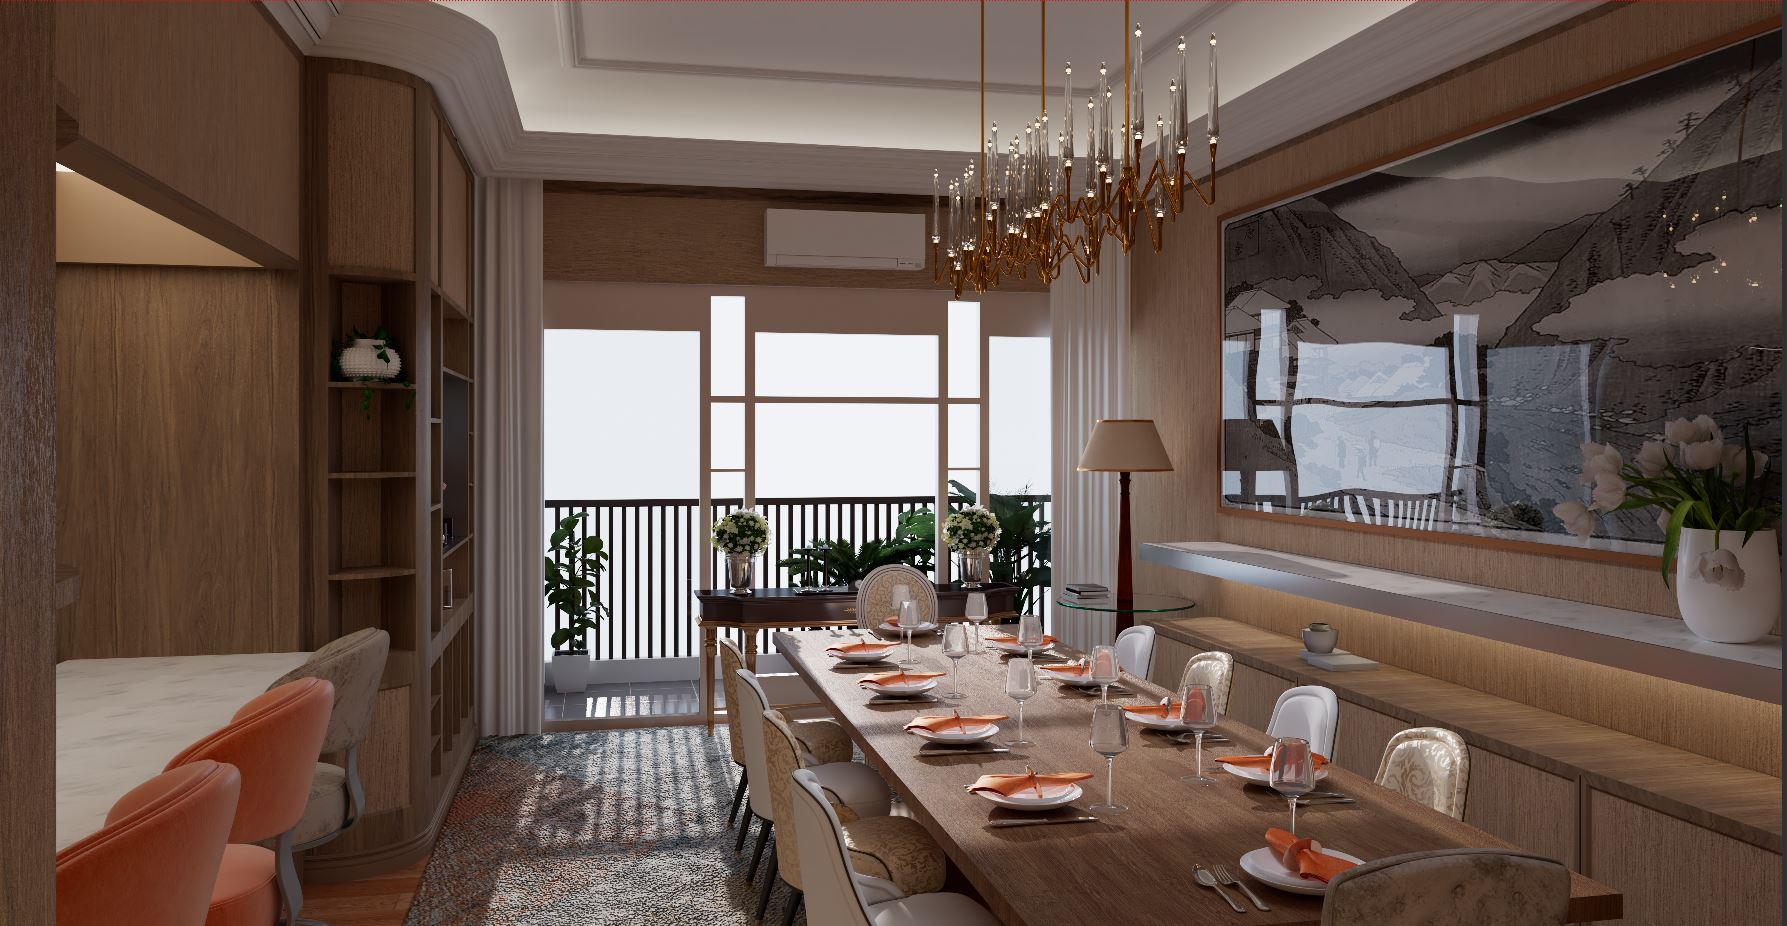 Thiết kế nội thất Chung Cư tại Hà Nội âm hưởng 1626063060 3